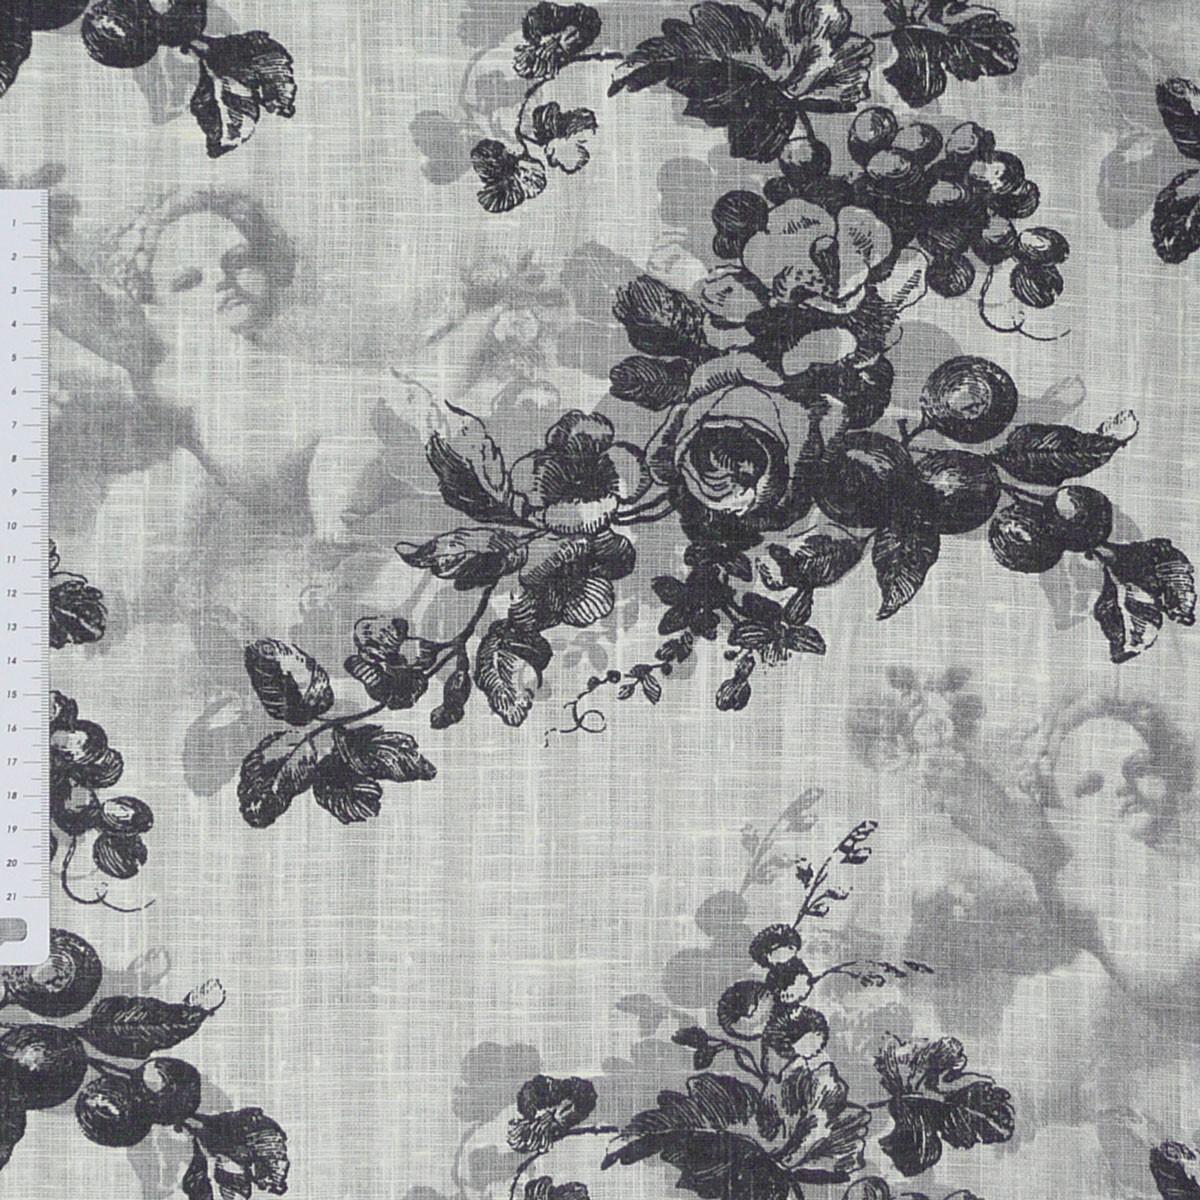 leinen rosen engel grau schwarz stoff meterware gardinenstoff dekostoff stoffe stoffe gemustert. Black Bedroom Furniture Sets. Home Design Ideas